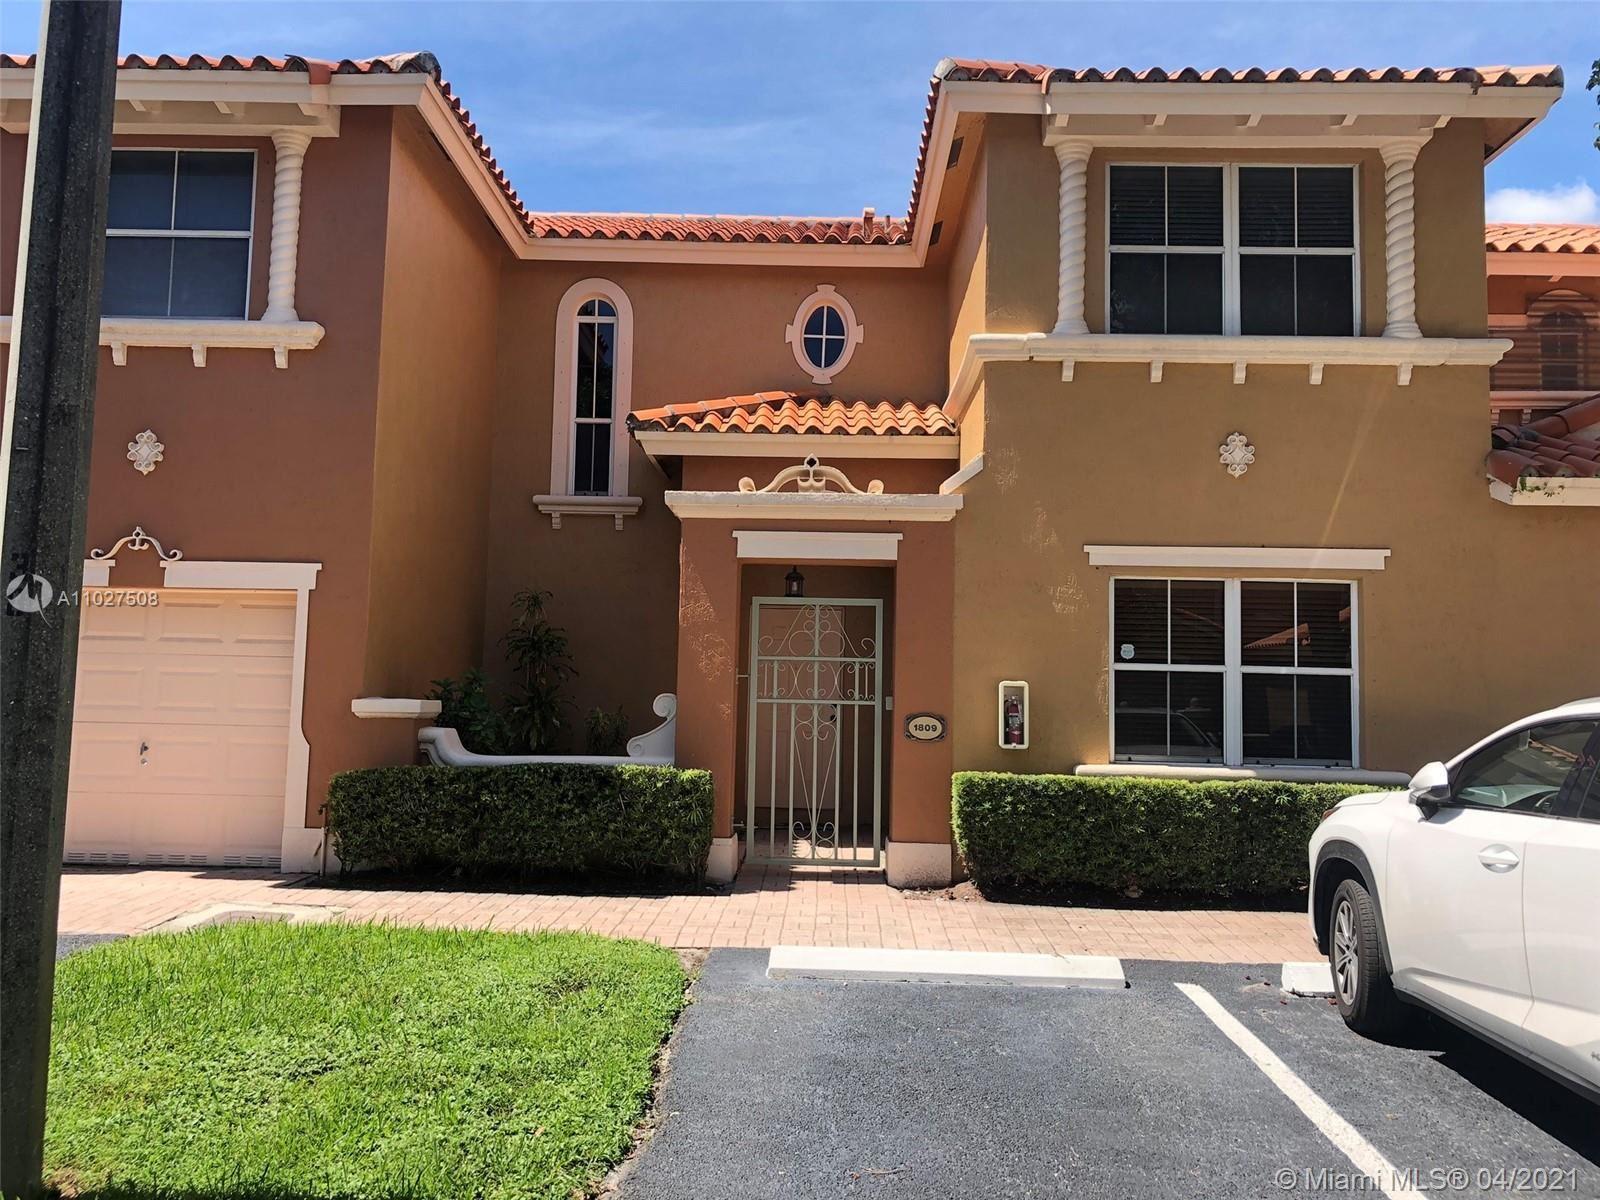 8521 NW 138th Ter #1809, Miami Lakes, FL 33016 - #: A11027508